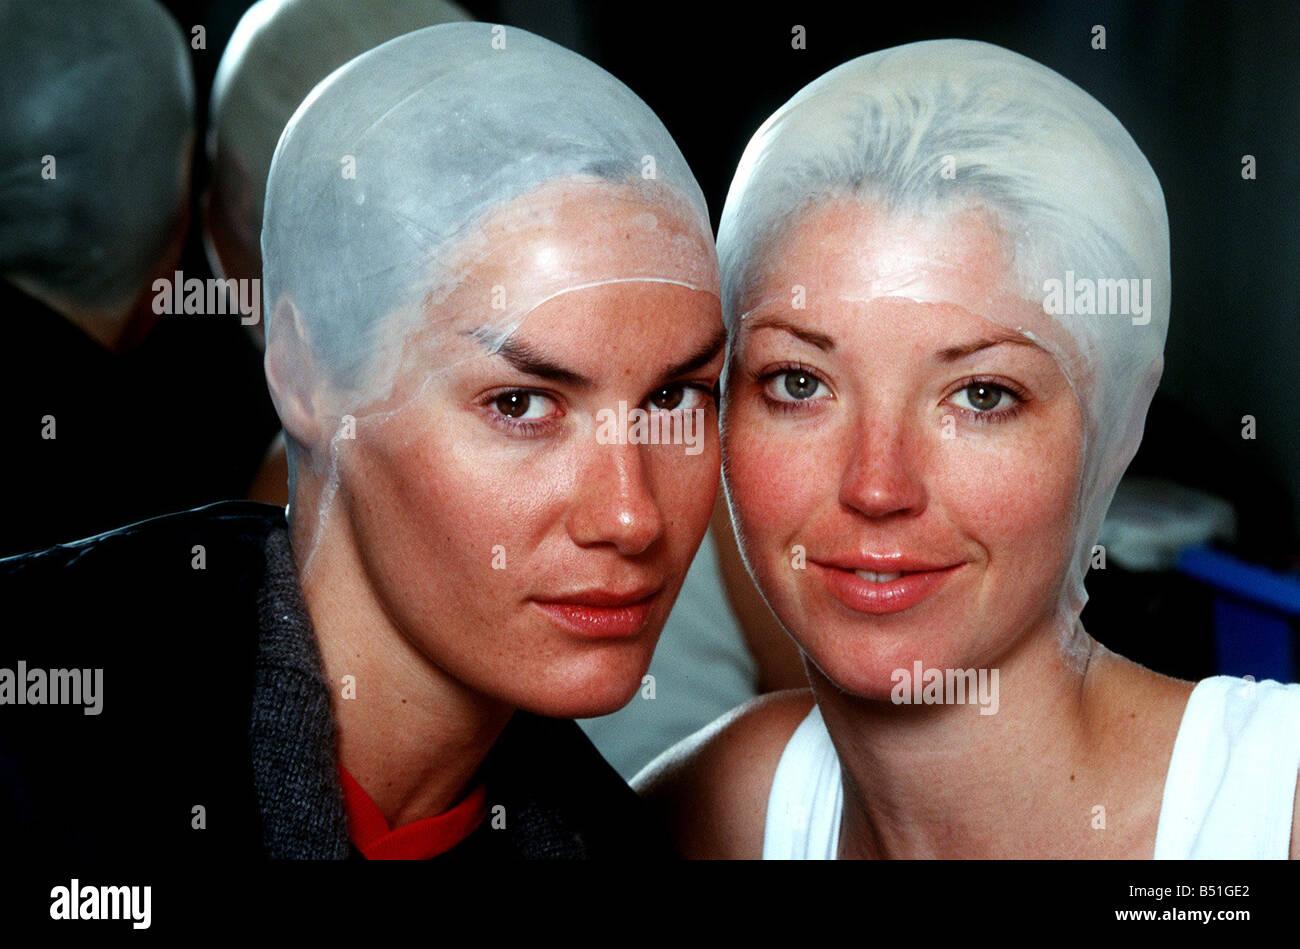 Tara Palmer Tomkinson and Tamara Beckwith at Daily Mirror at the start of their transformation into Aliens Hair - Stock Image